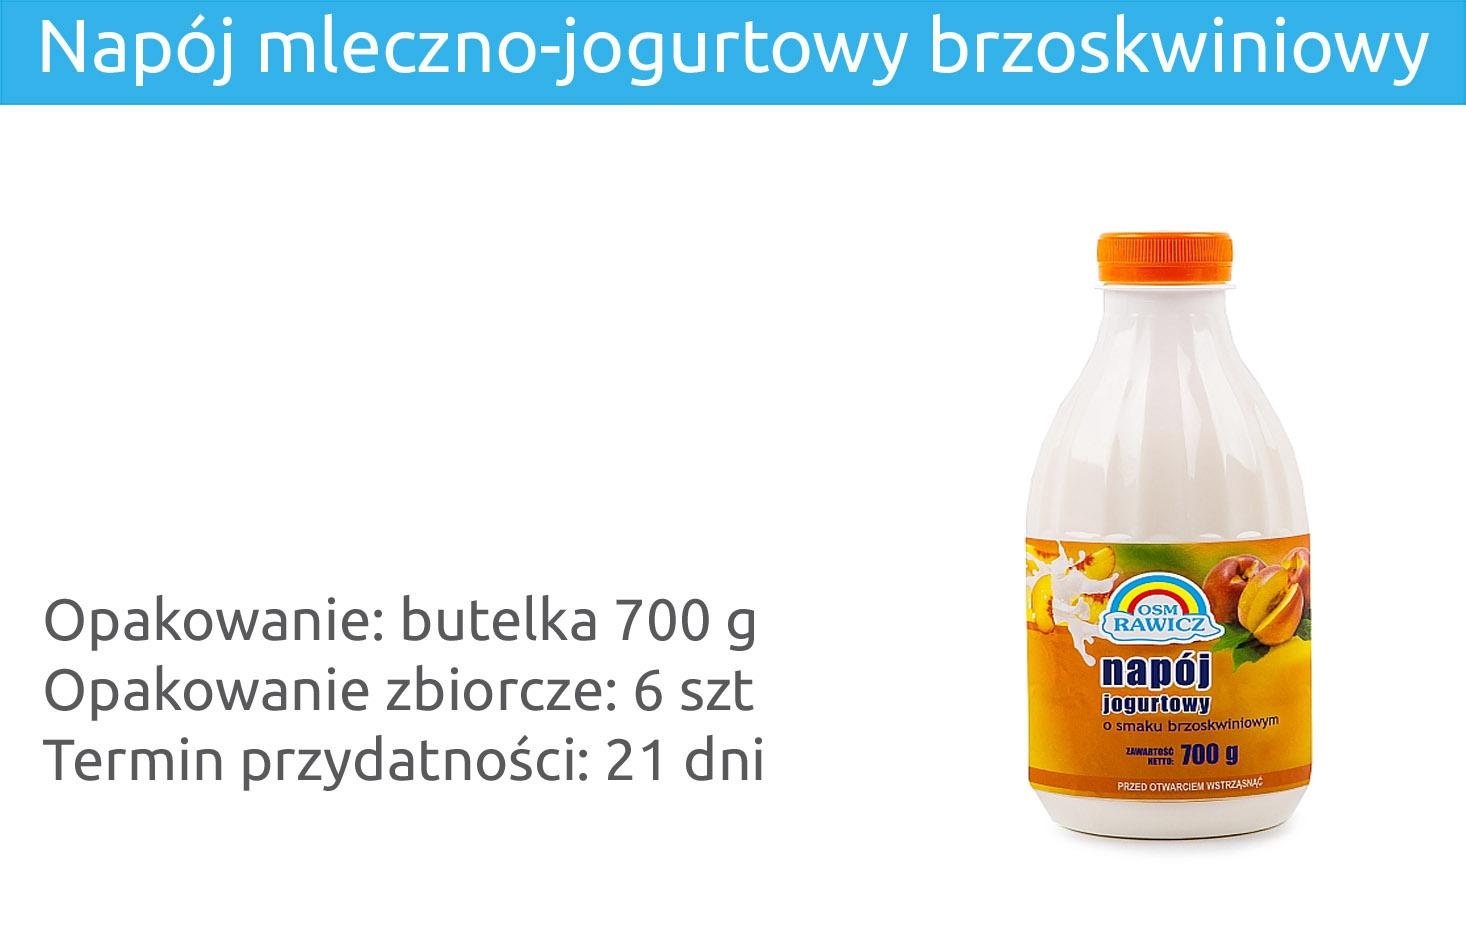 Napój mleczno-jogurtowy brzoskwiniowy